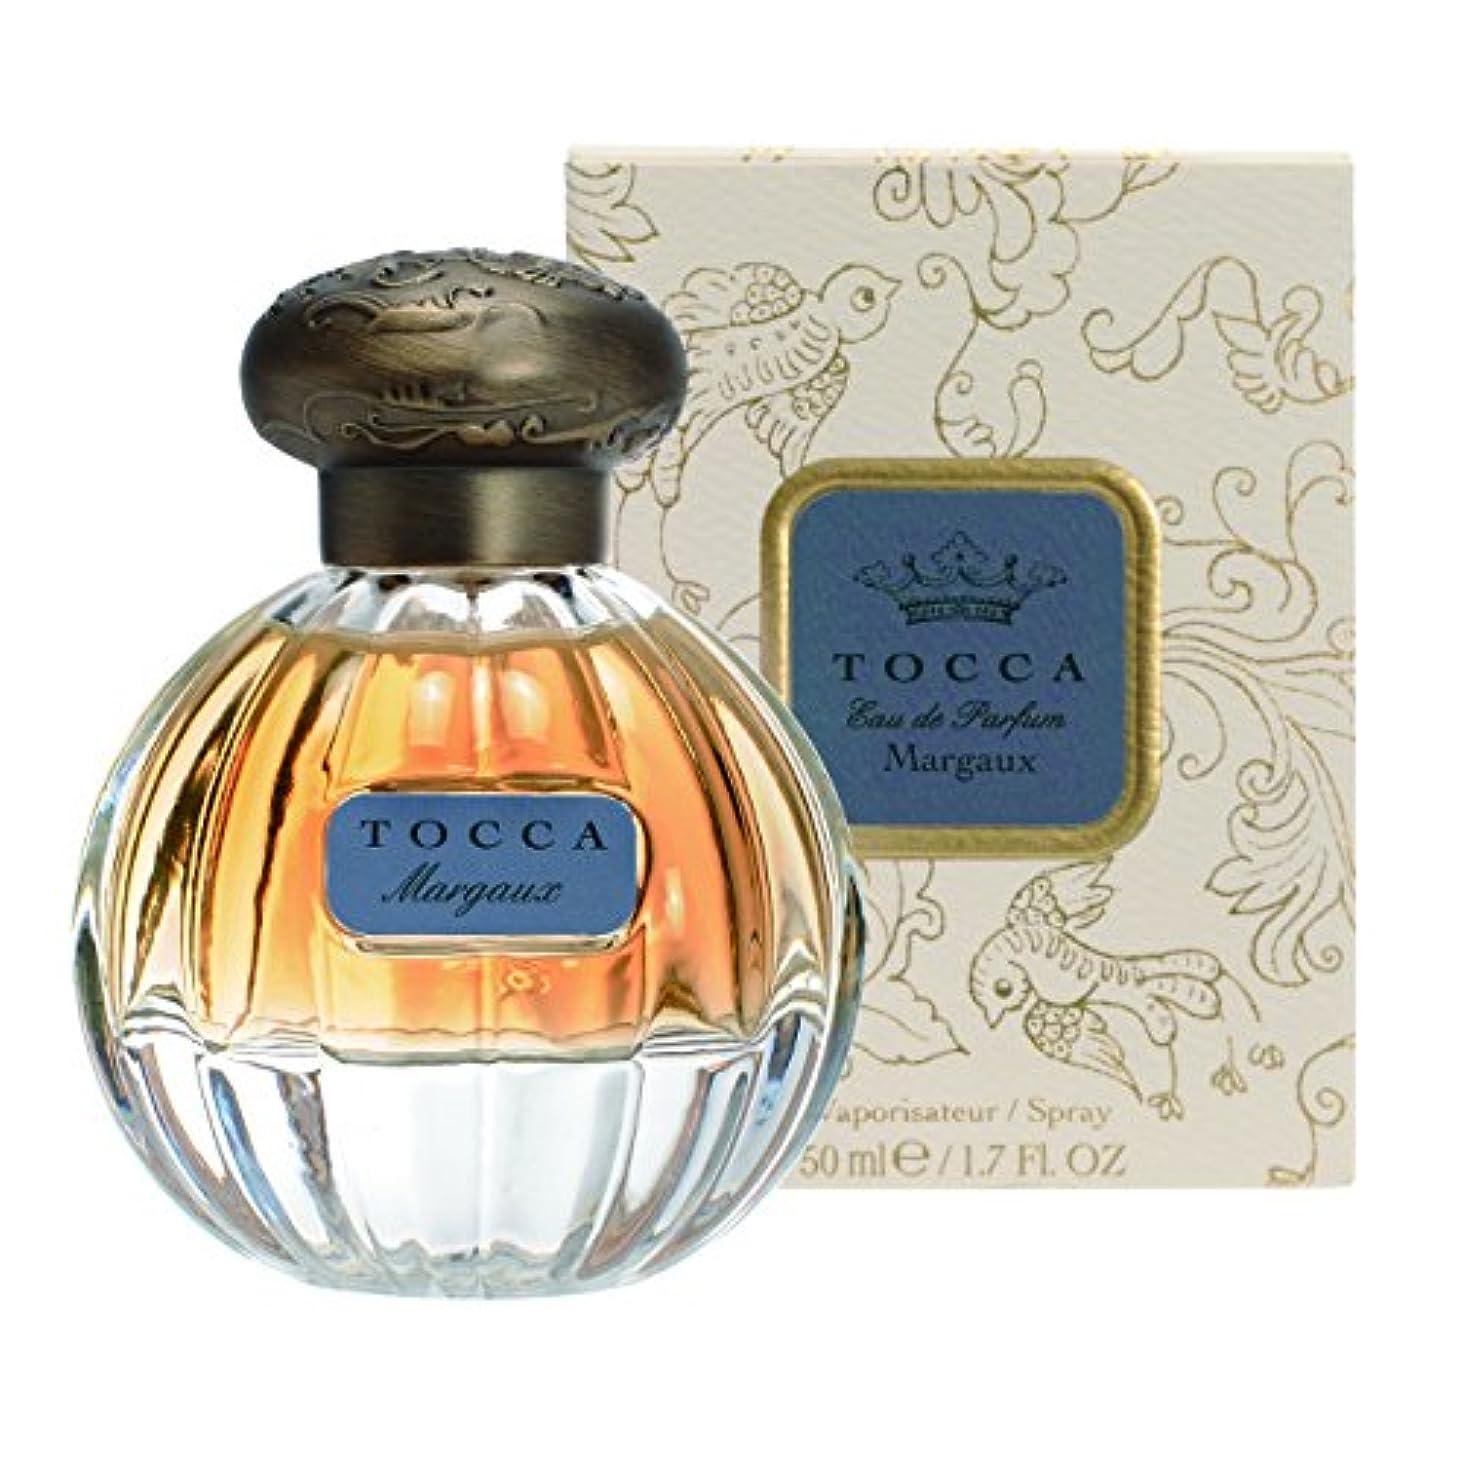 工夫する全能カナダトッカ(TOCCA) オードパルファム マルゴーの香り 50ml(香水 永遠の愛を思わせるフローラルとカシミヤウッド、ムスクの甘い温かみにバニラのアクセントが加わった香り)